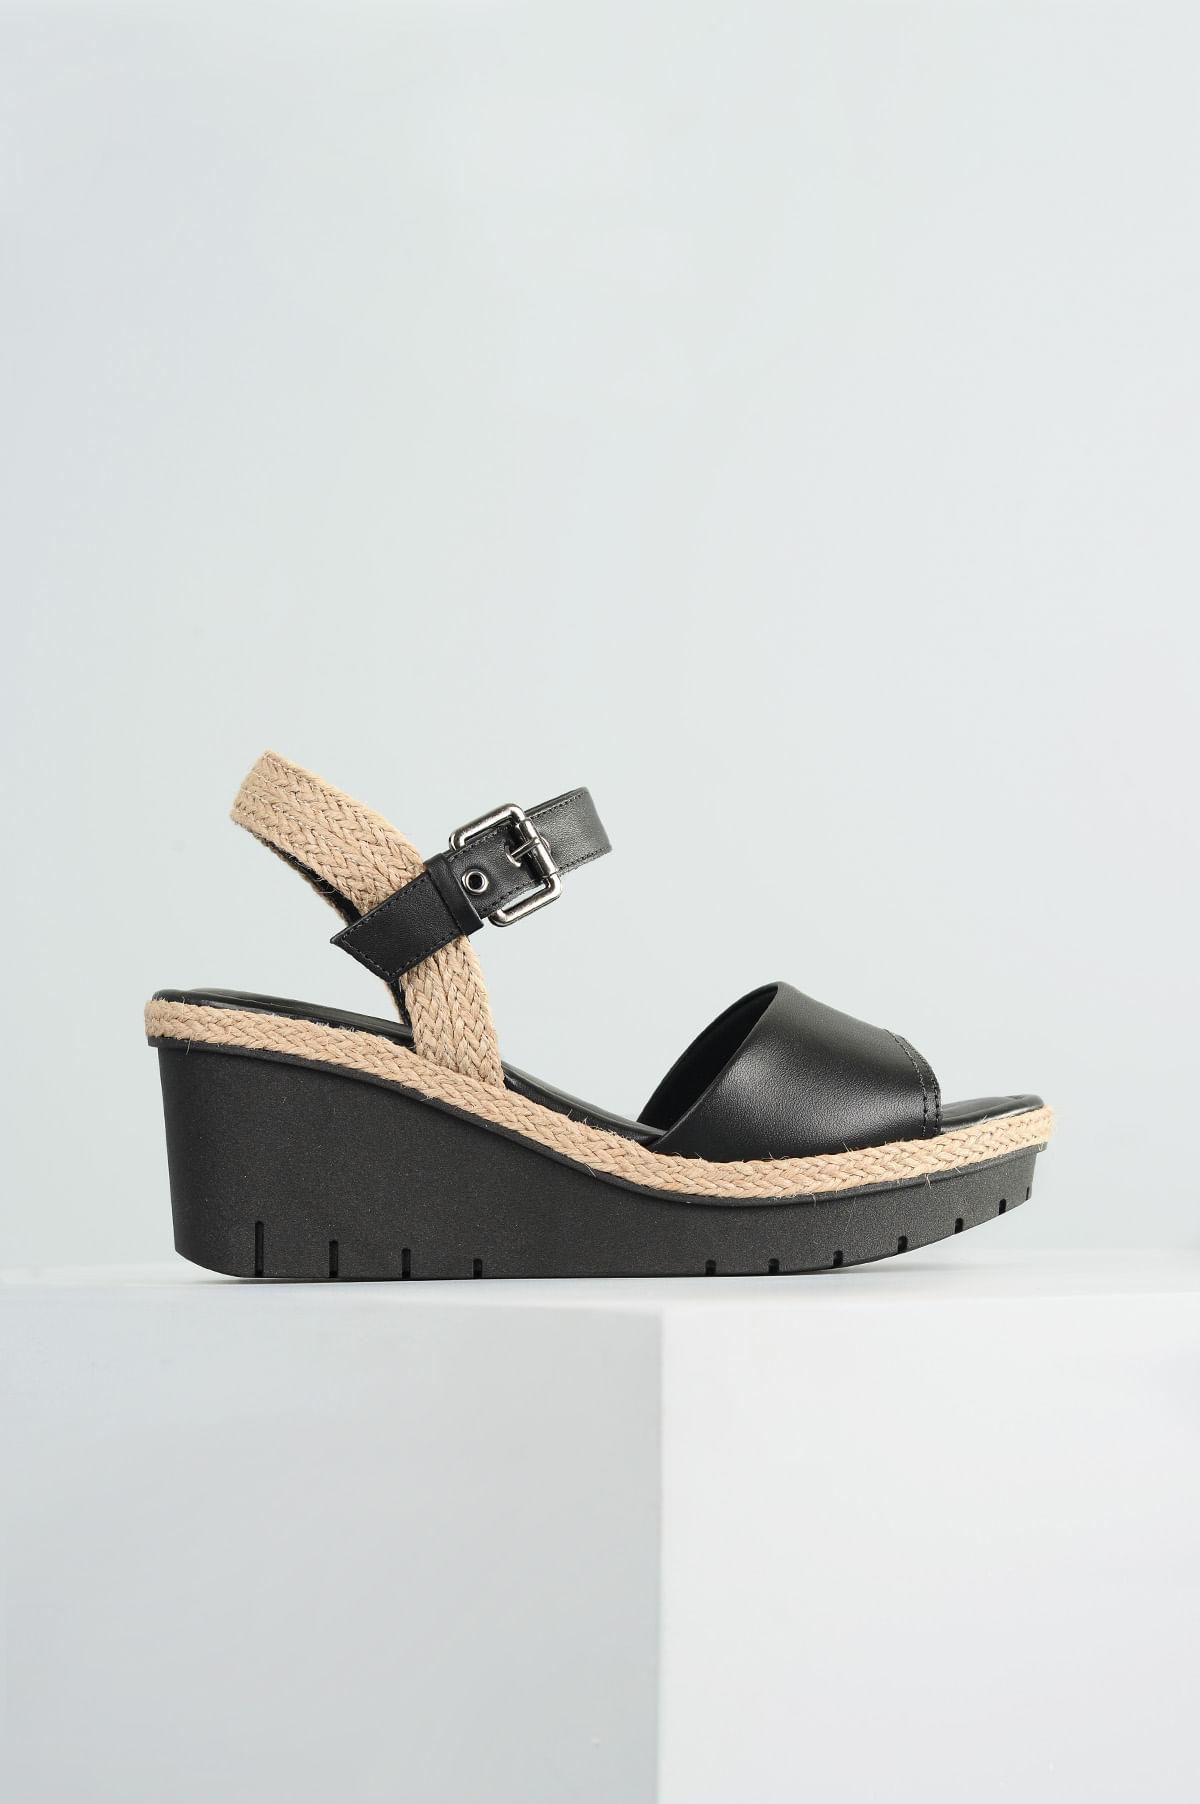 06c4993922 Sandália Feminina Anabela Moncy Usaflex CR-PRETO - Mundial Calçados